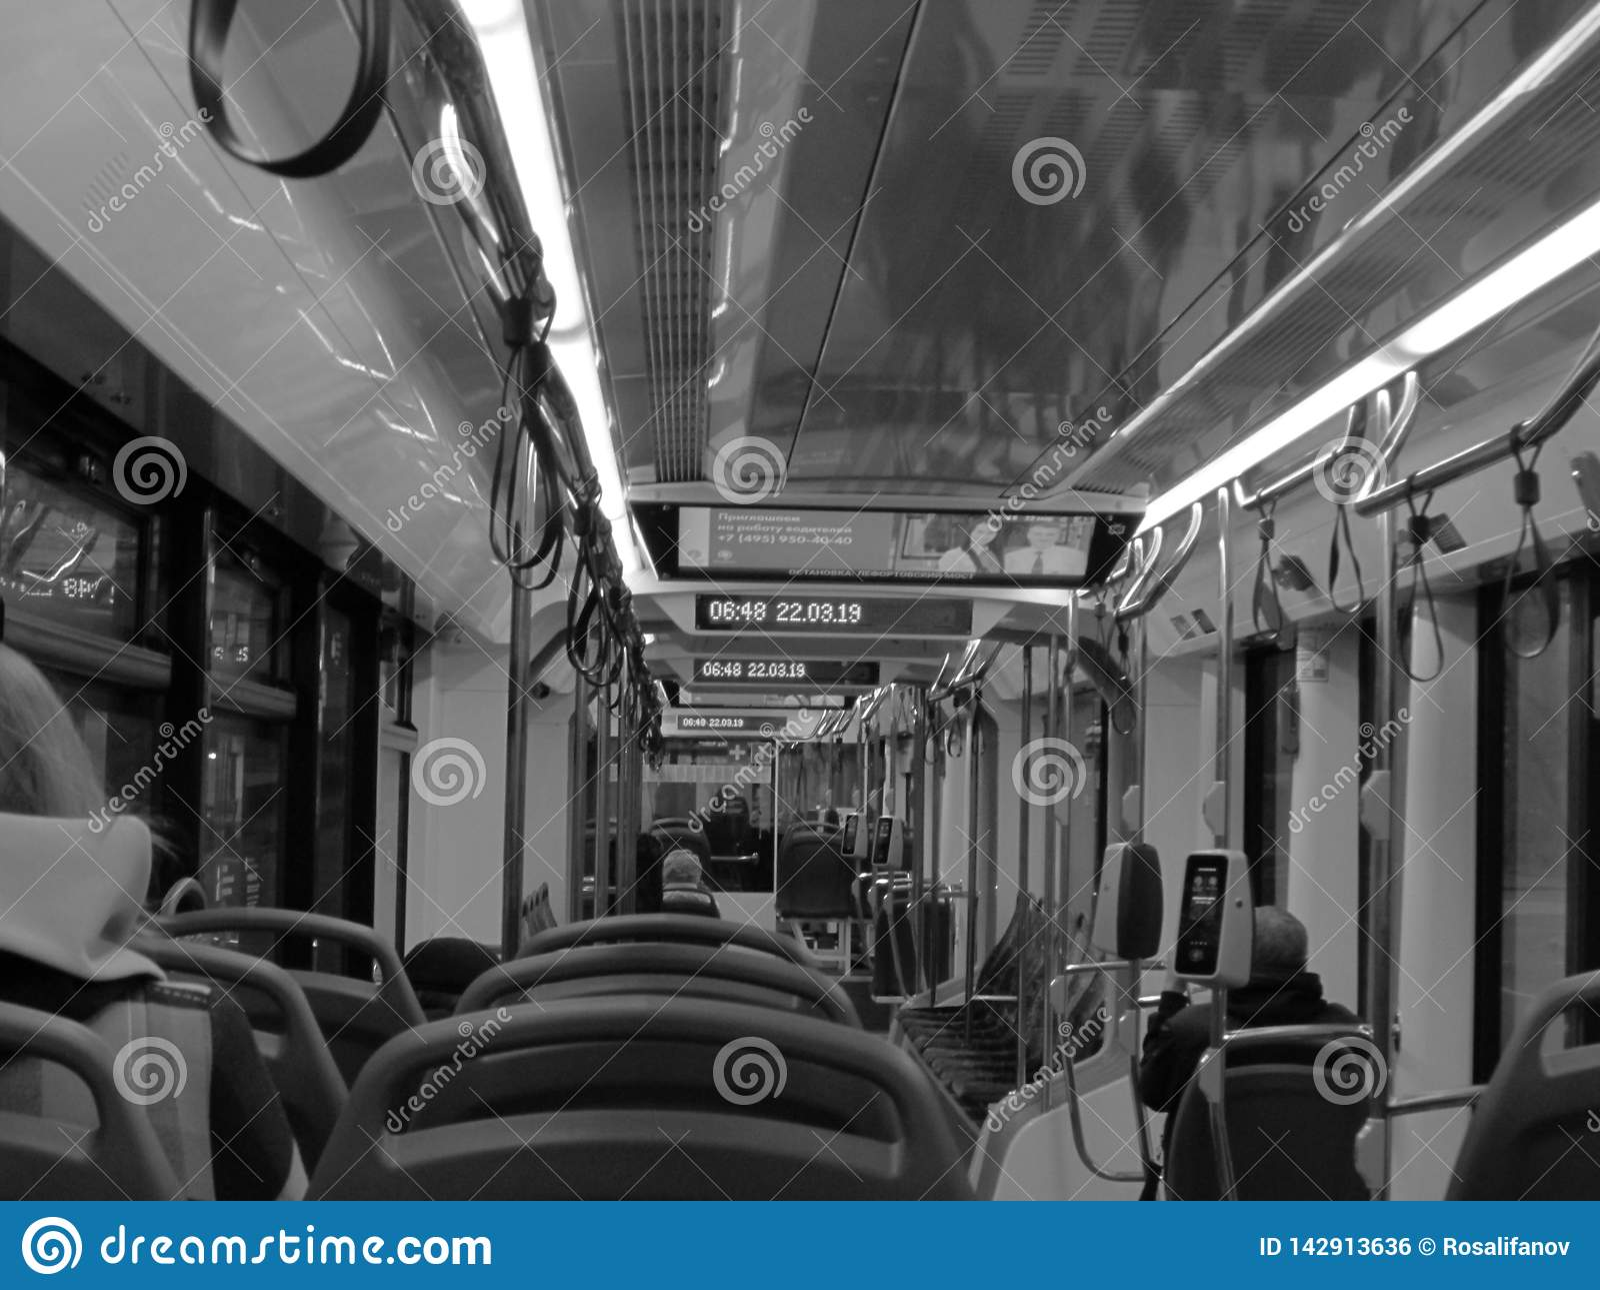 Innenraum der Tram in B/W